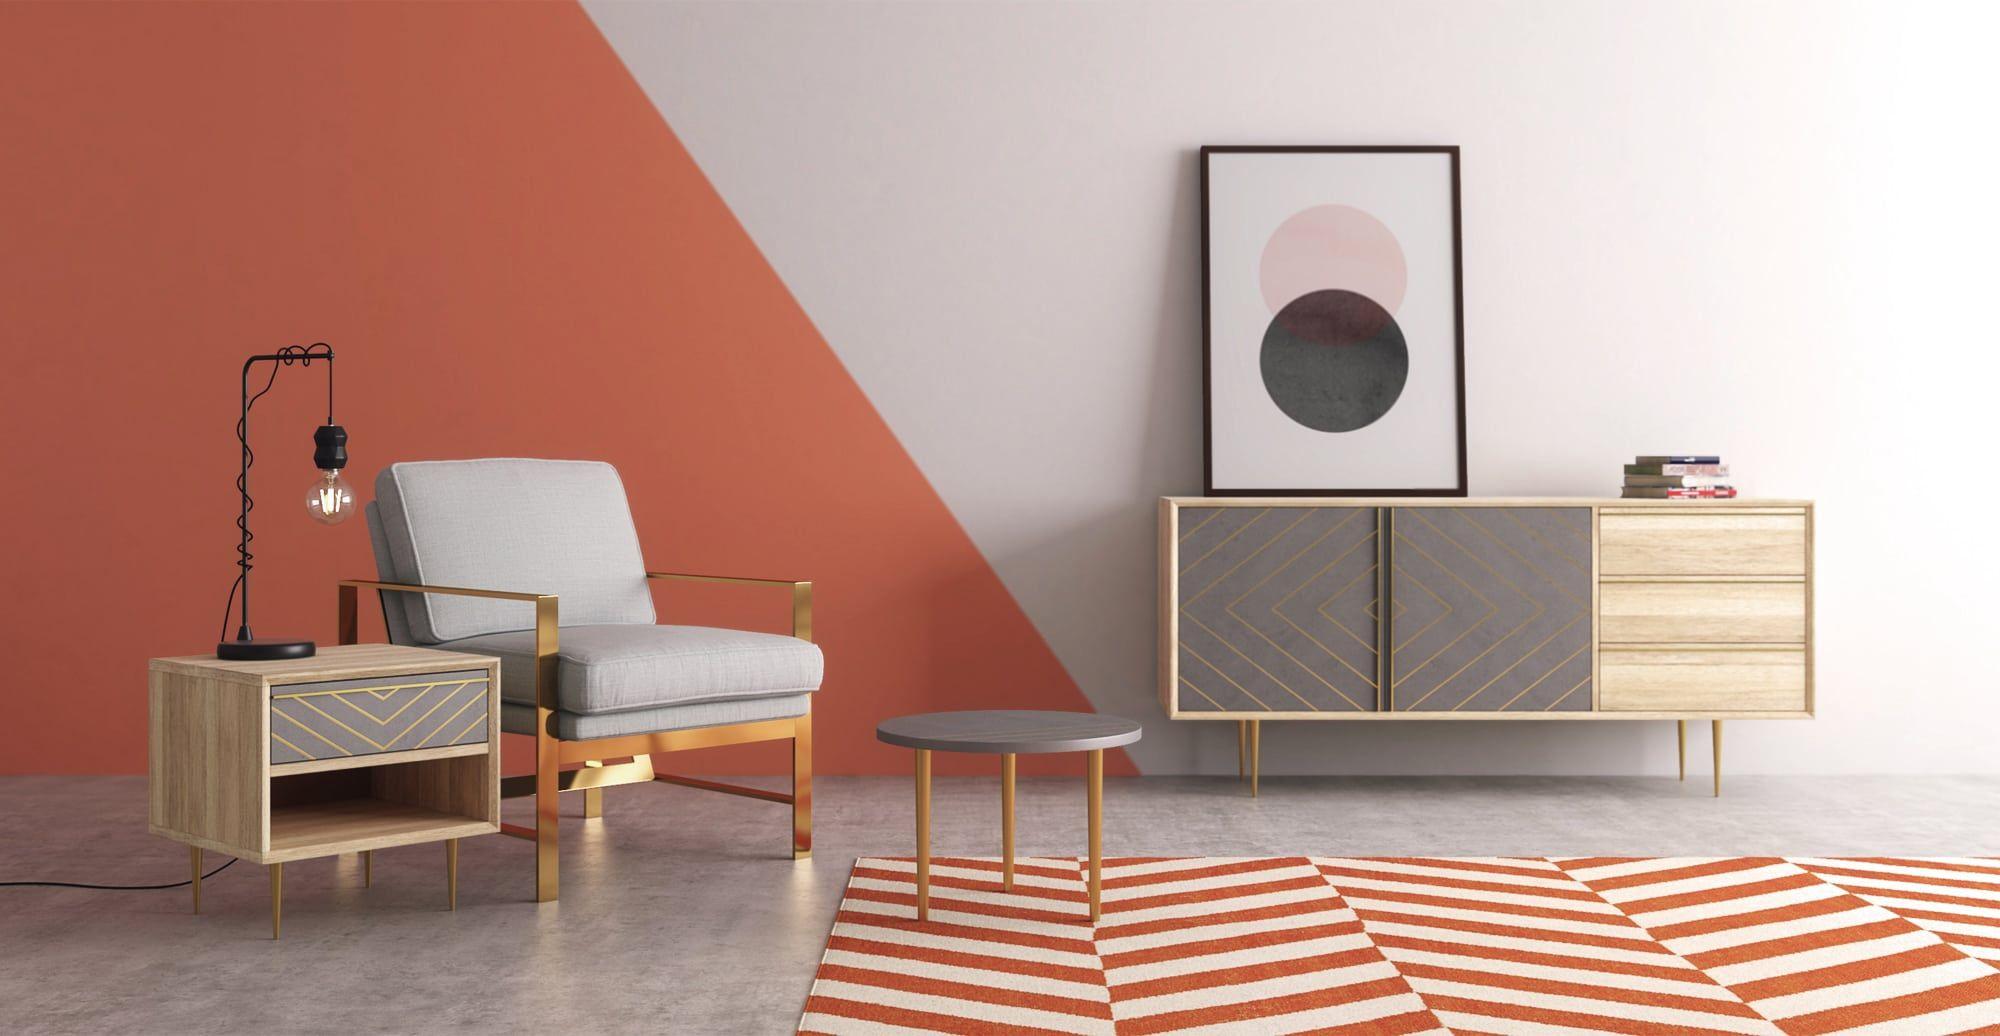 McCoy Sideboard Living room furniture, Home decor